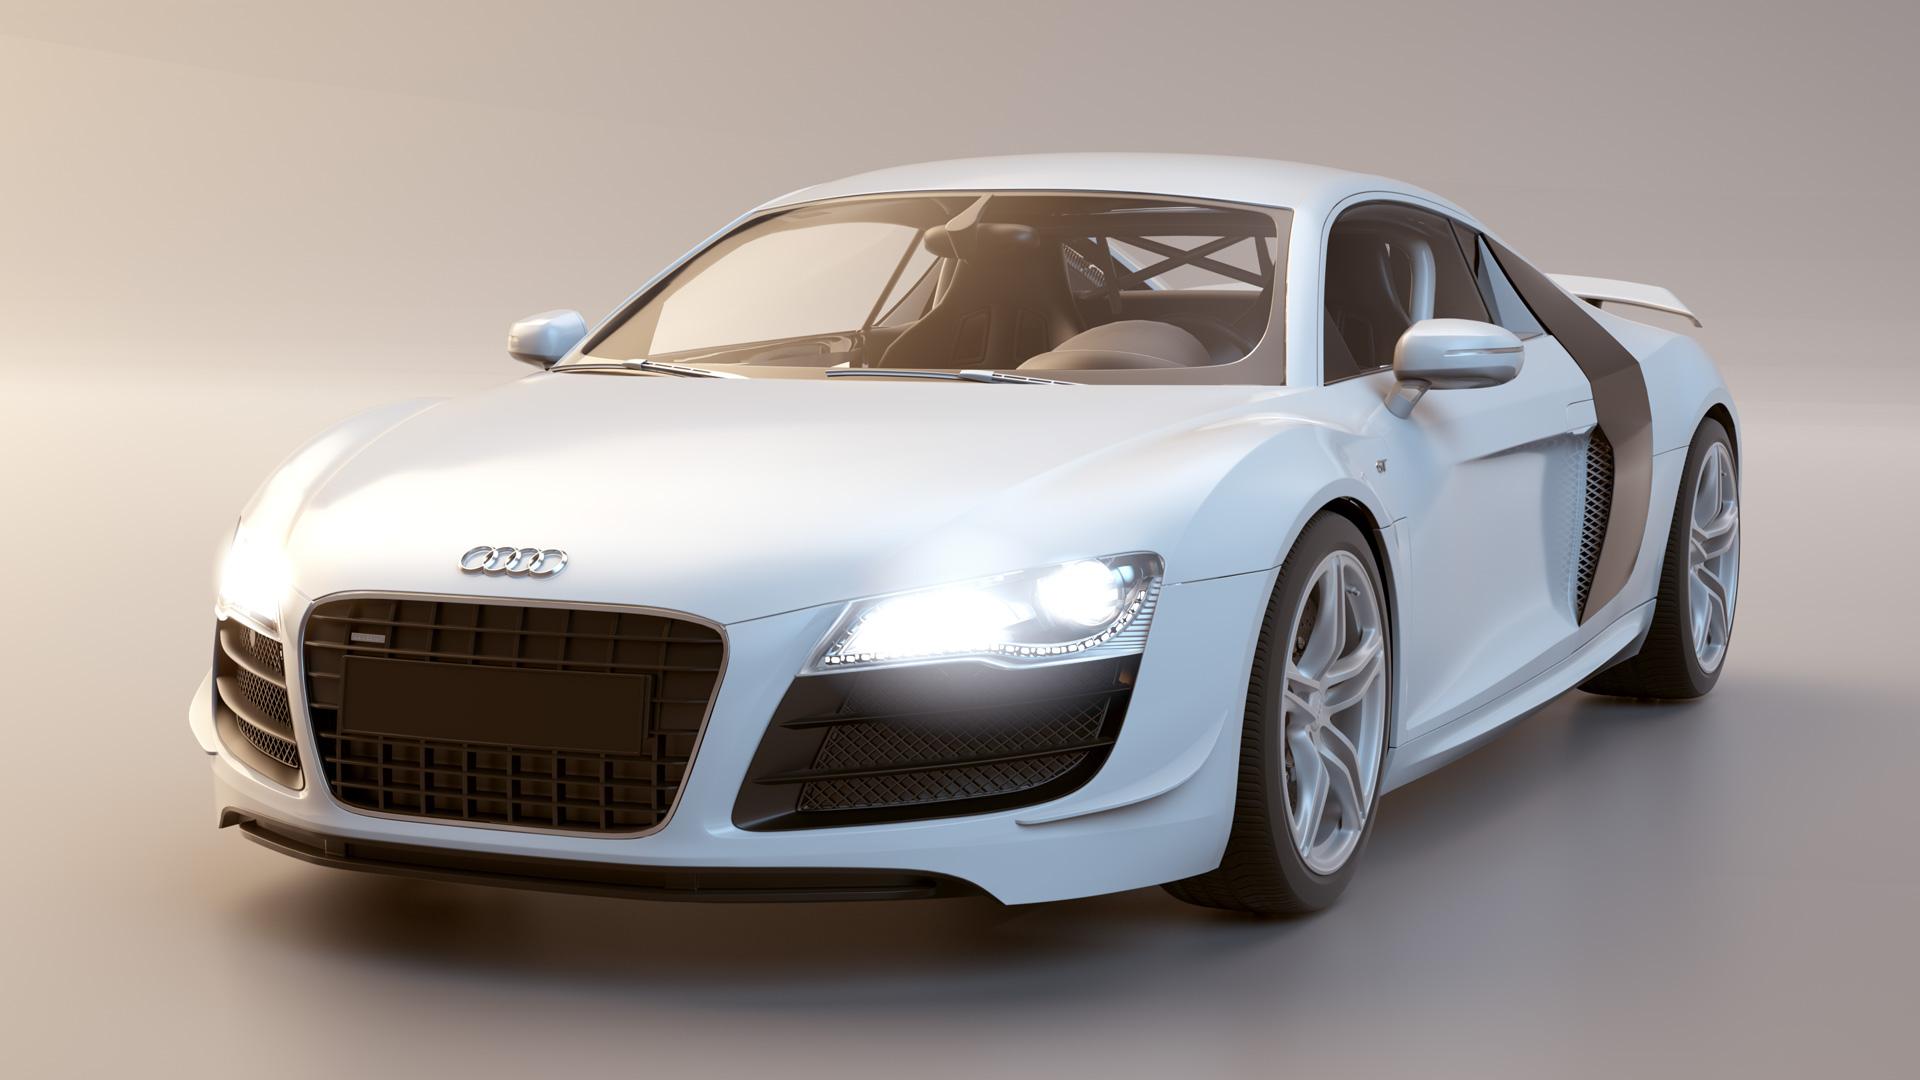 car-variation-2-1080.jpg